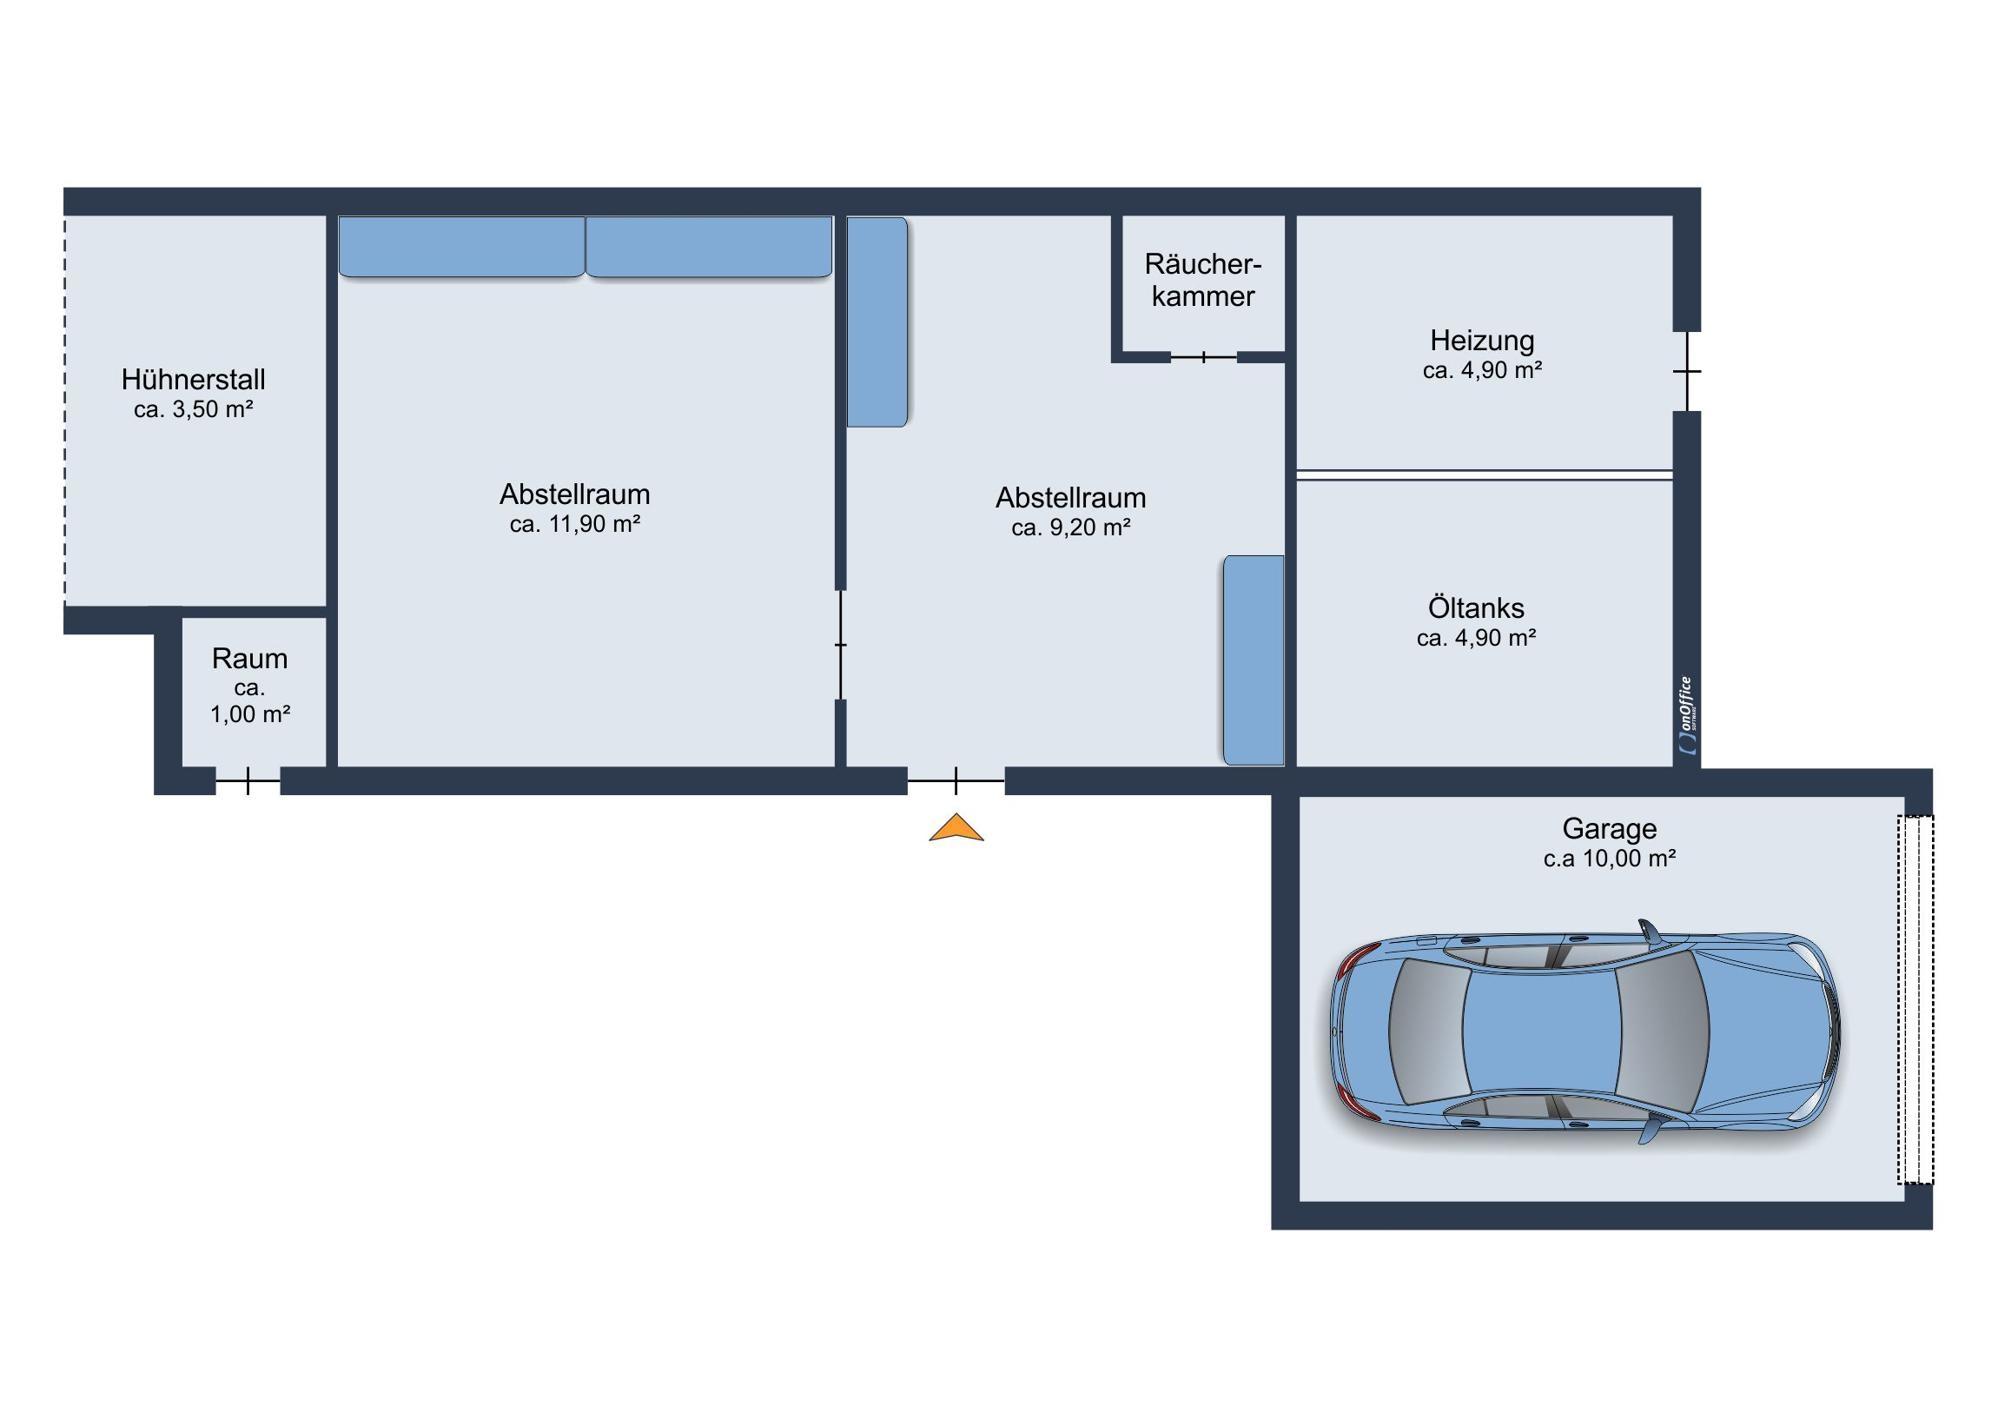 Nebengebäude und Garage